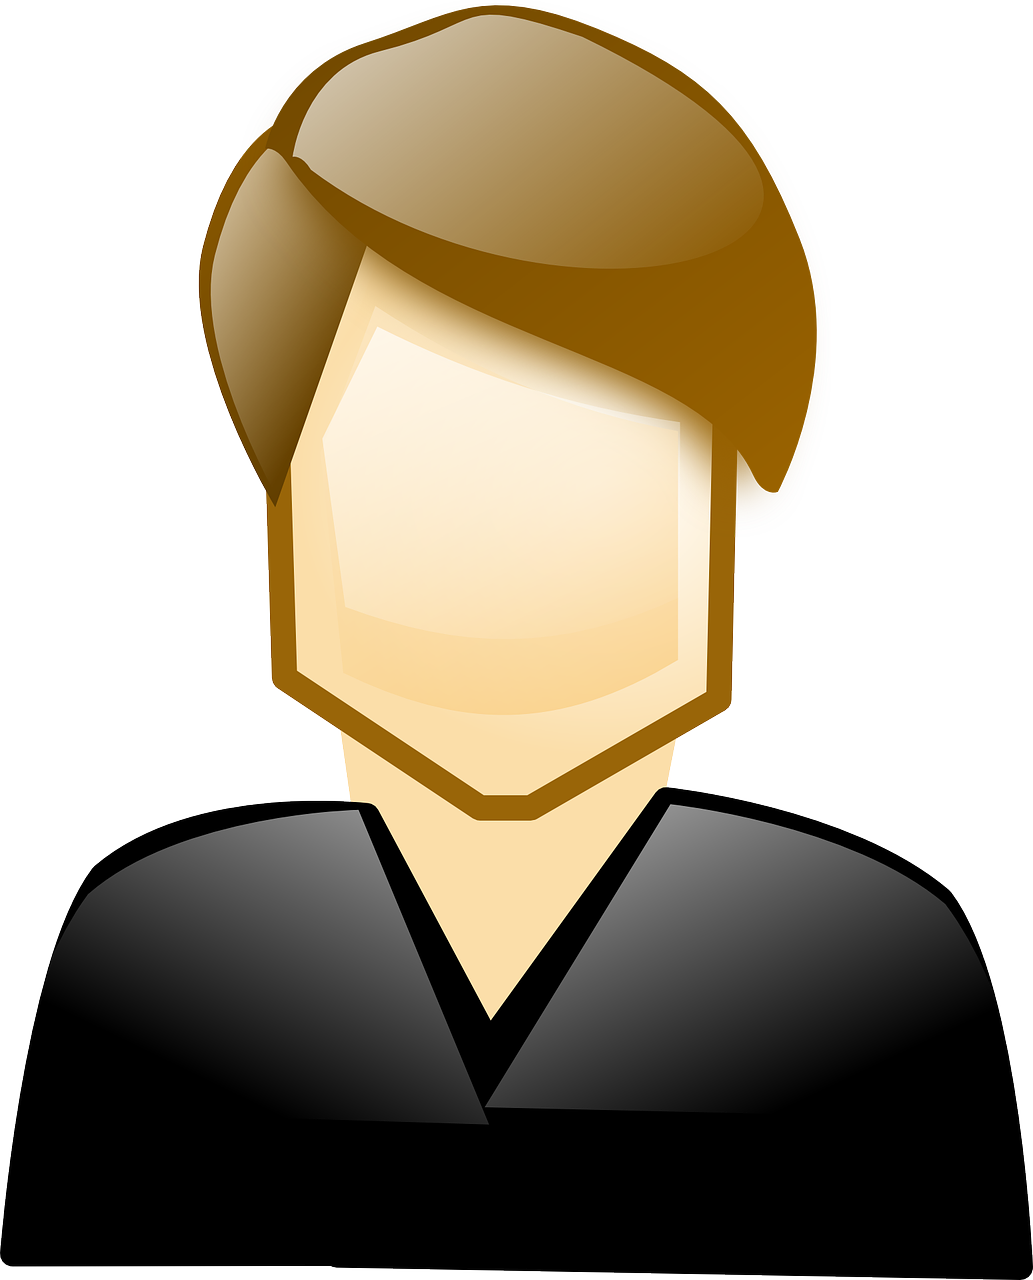 Persönlichkeitsprofil erkunden ᐅ kostenloser Selbsttest